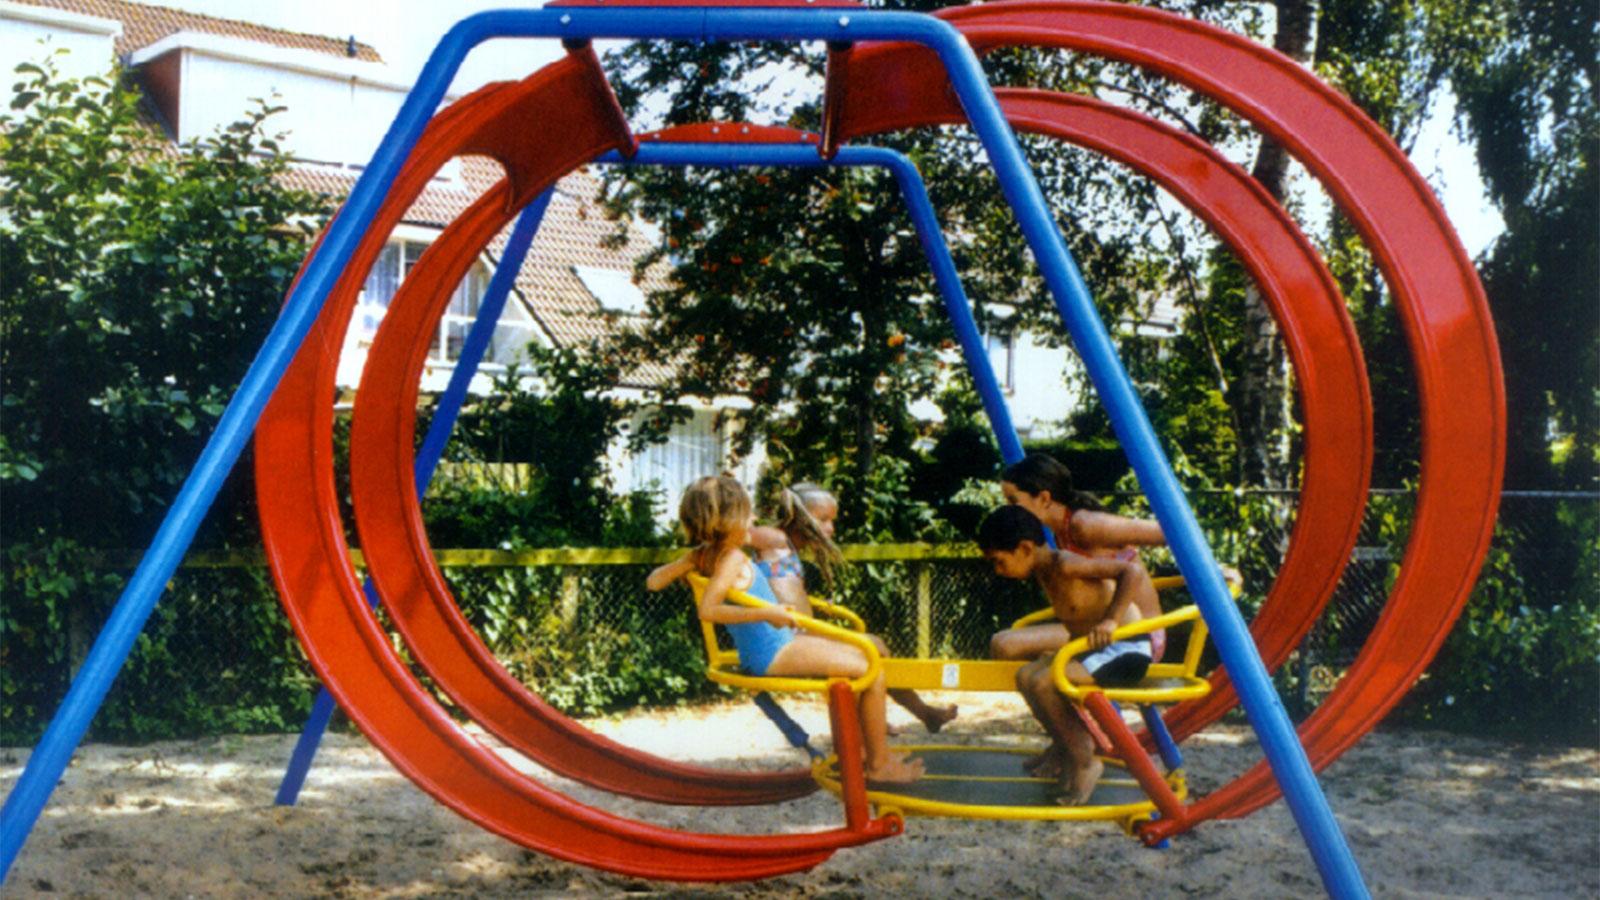 Wico Comfa - Vollemaanschommel - IJzersterk - Schommel - Speeltoestellen